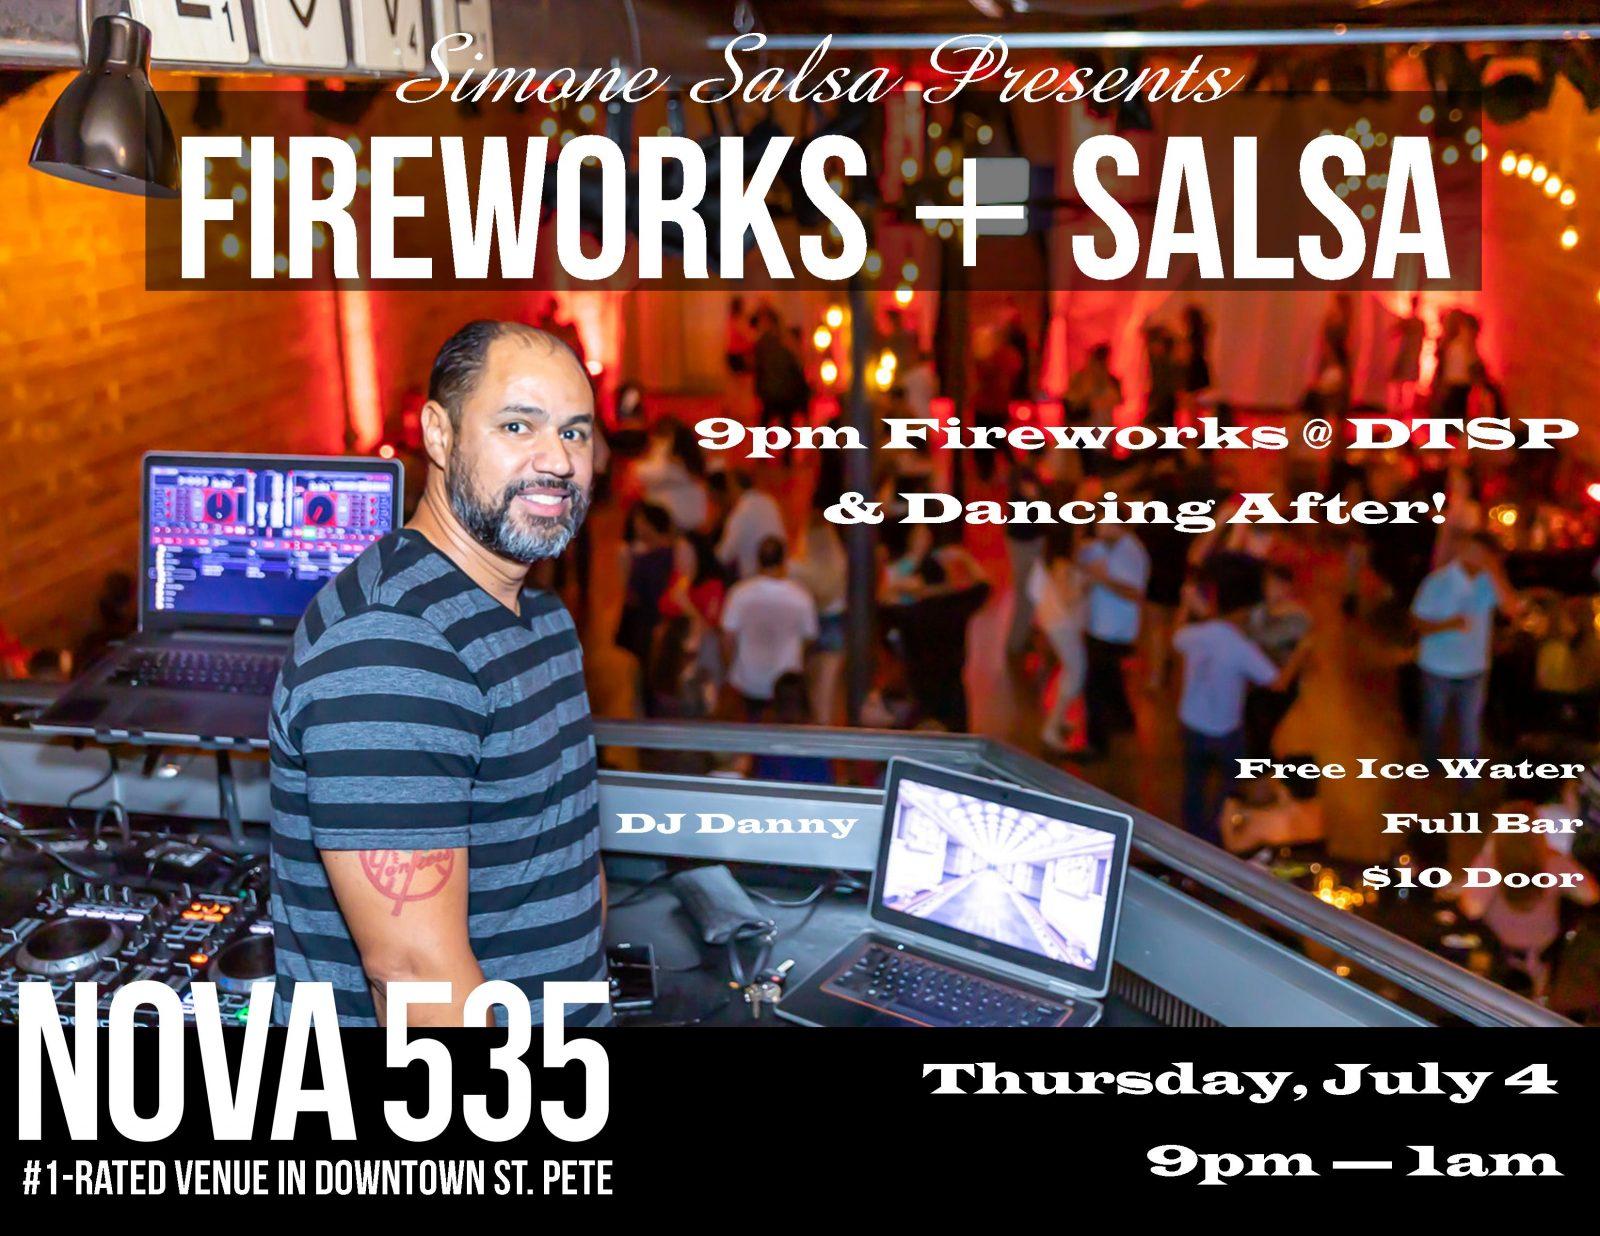 2019 07-04 St. Pete Salsa at historic downtown St. Pete venue NOVA 535 flyer